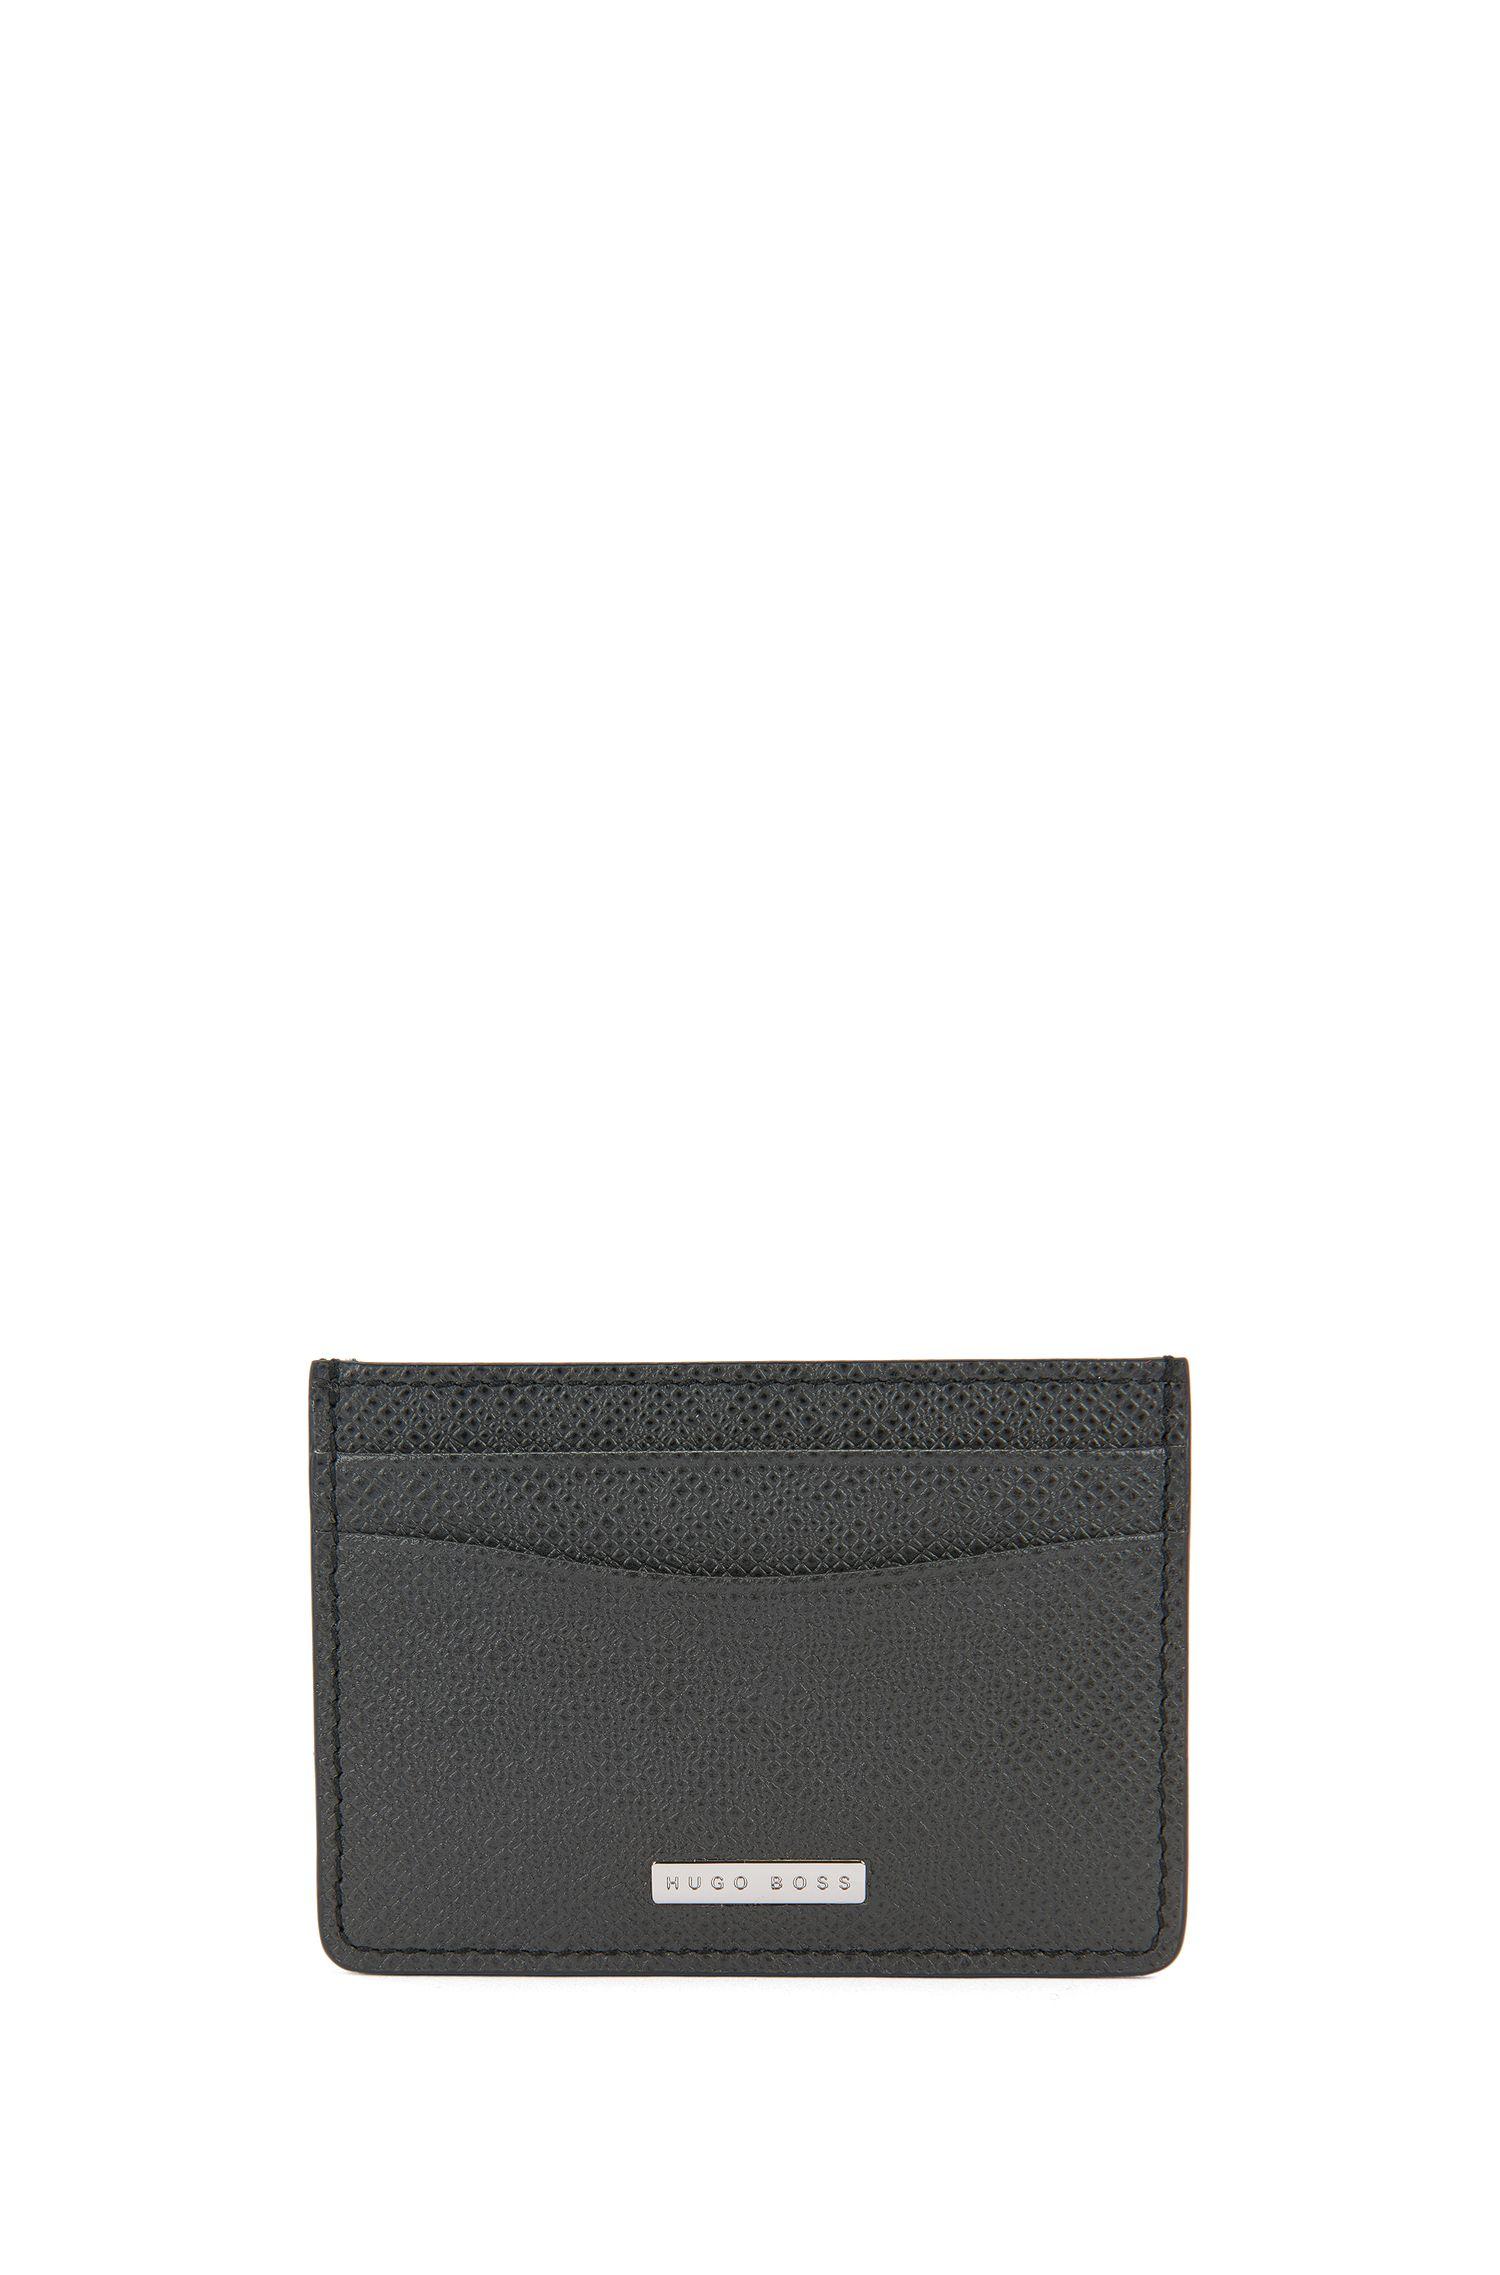 Signature Collection money clip in palmellato leather